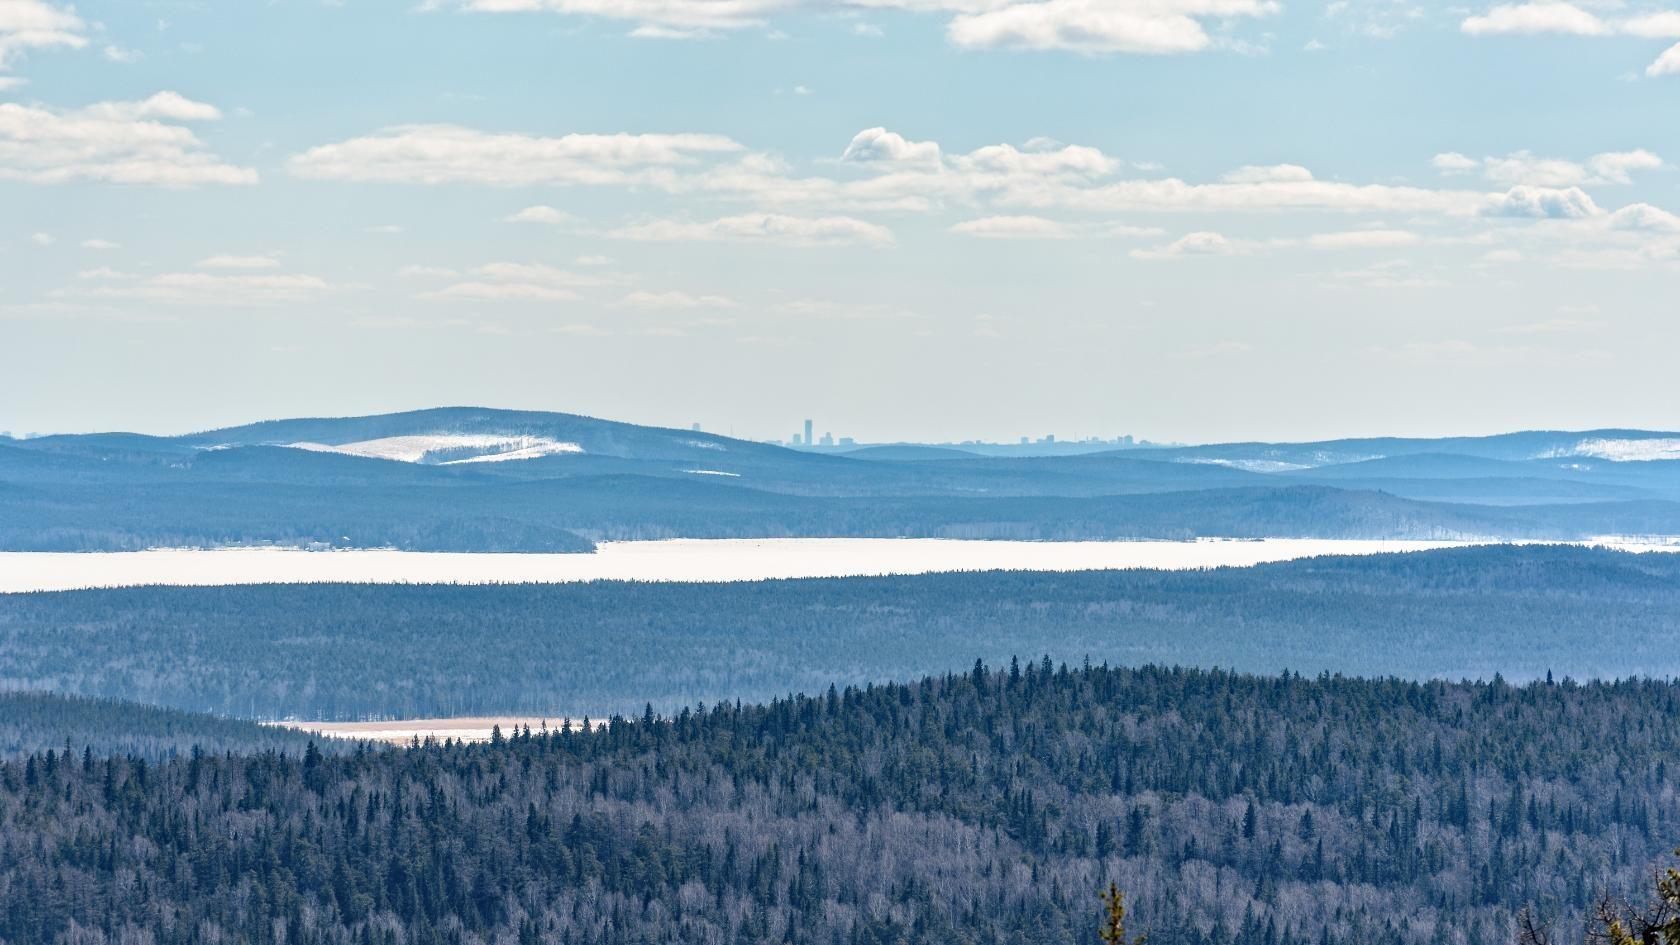 С нашей горнолыжки где-то там видно Екатеринбург